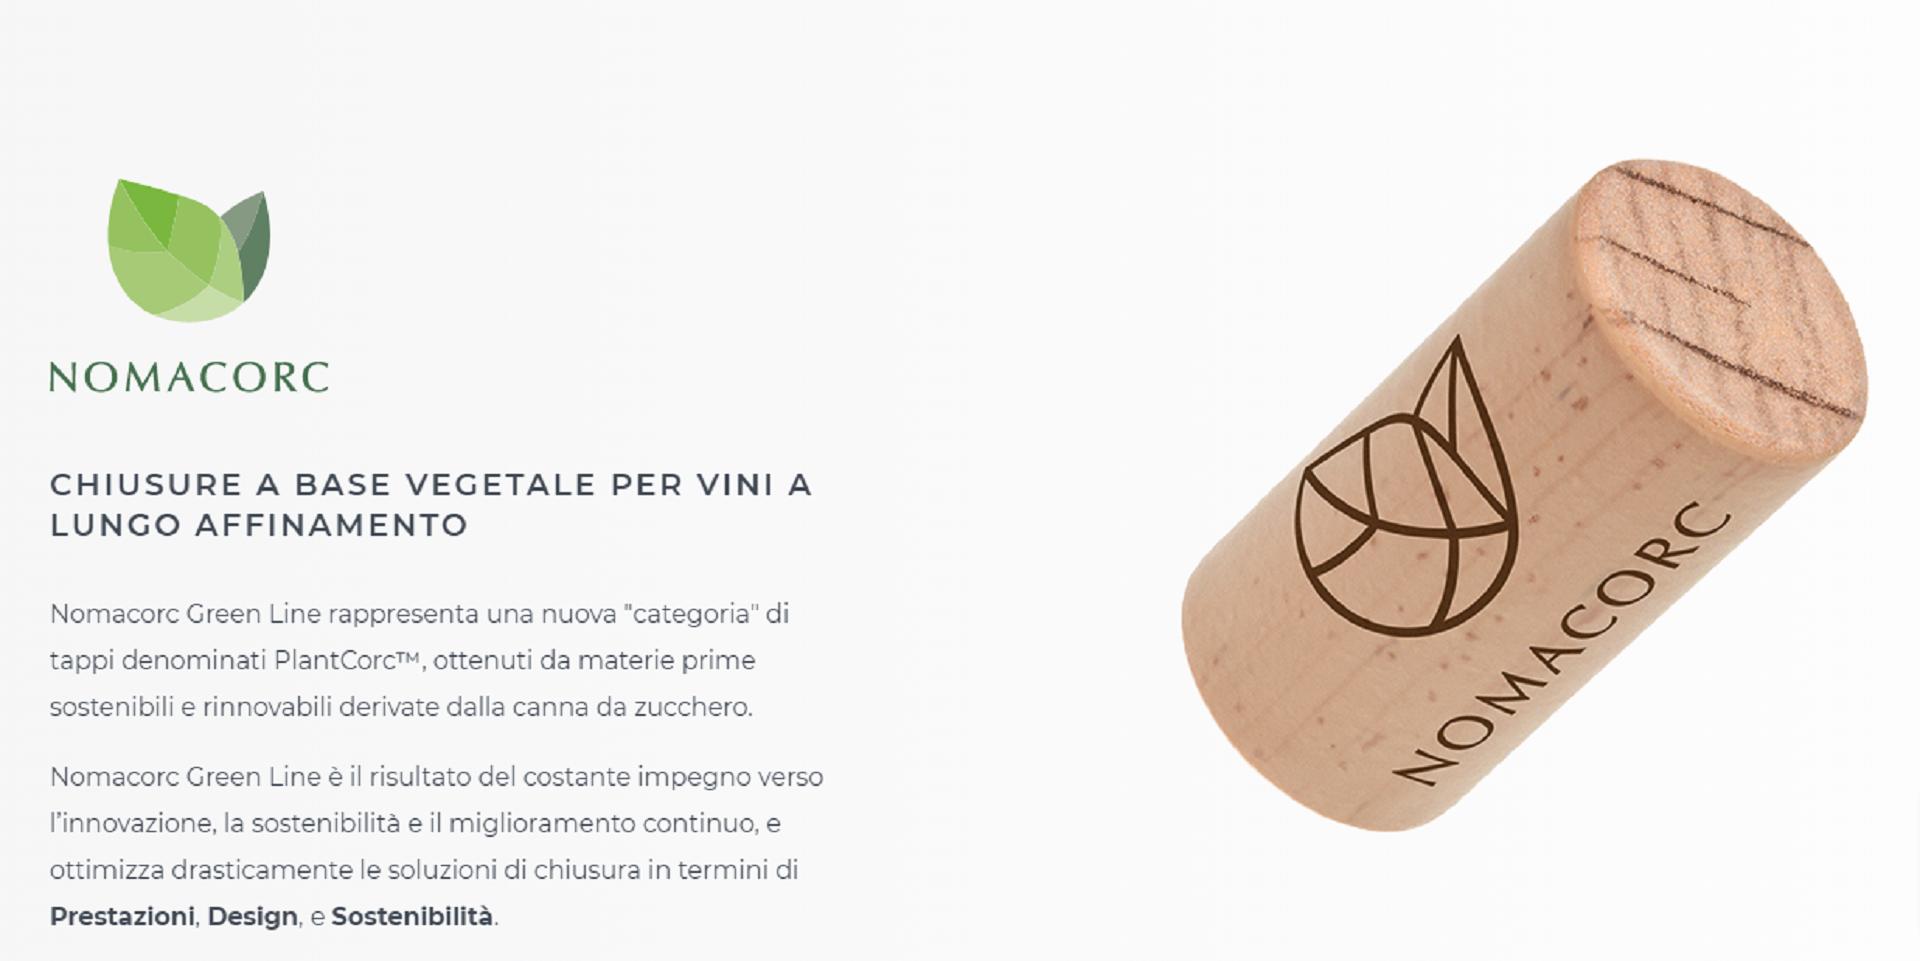 Azienda Agricola RoccaVinealis - Roccavignale, Provincia di Savona - Coltivazione di Granaccia - Vino Rosso di Liguria - Tappi Nomacorc Green